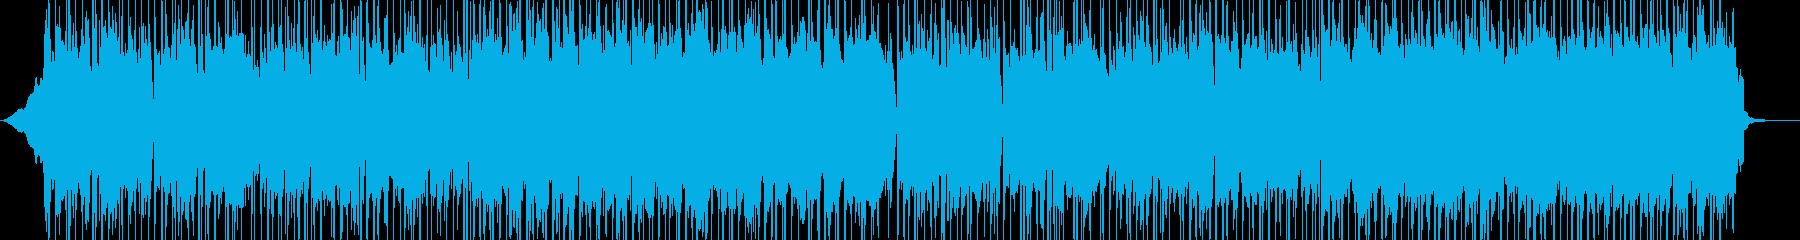 シタールとアコギによる明るく軽快なBGMの再生済みの波形